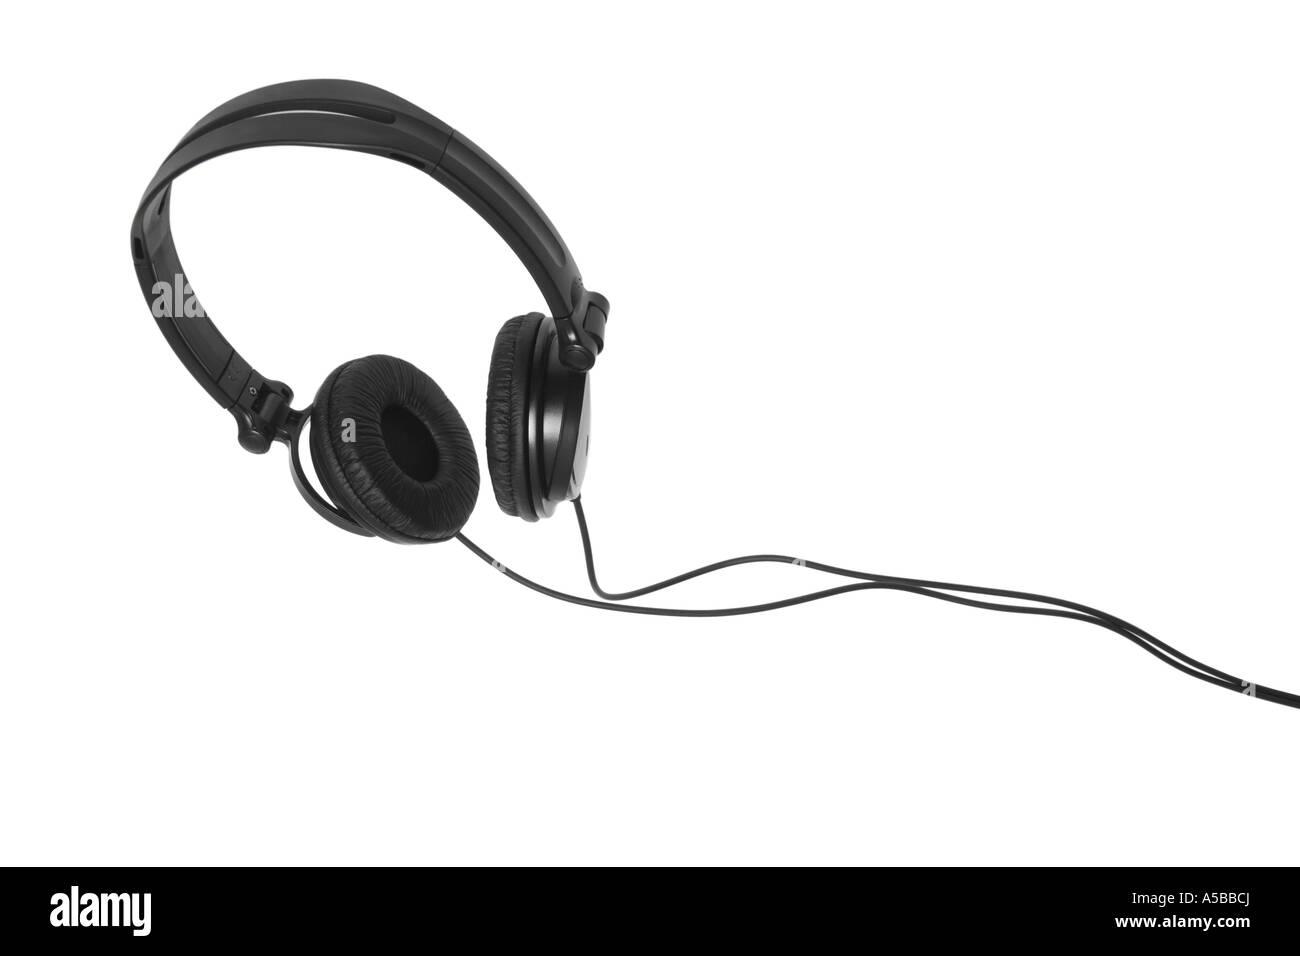 Kopfhörer auf weißem Hintergrund ausschneiden Stockbild